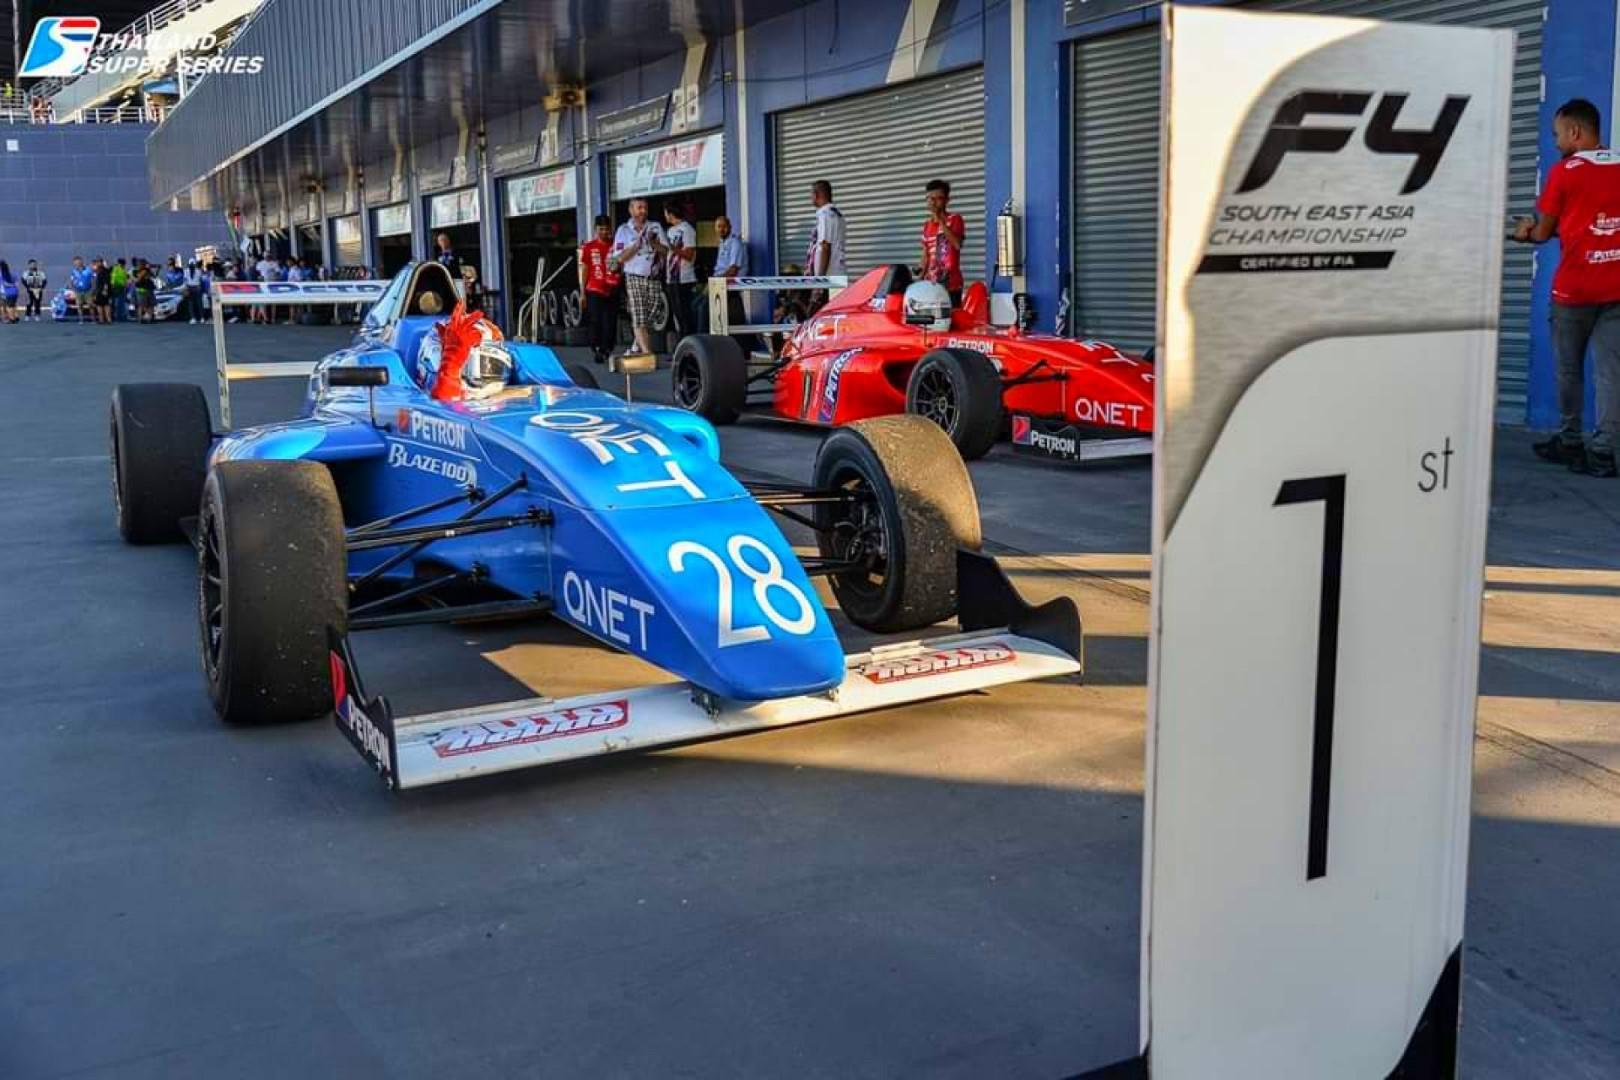 Alessandro Ghiretti en Thaïlande : Manches 5 et 6 = 5 victoires sur 6 courses